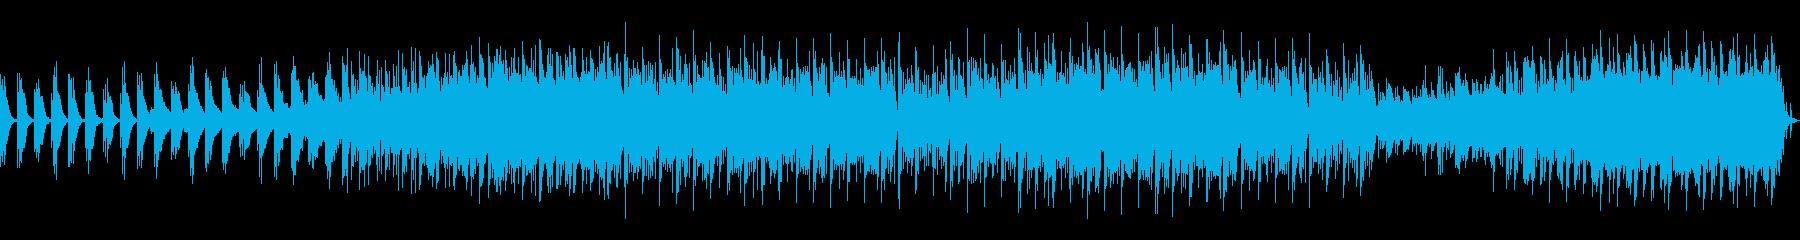 和楽器を使用した和風ヒーリング曲の再生済みの波形